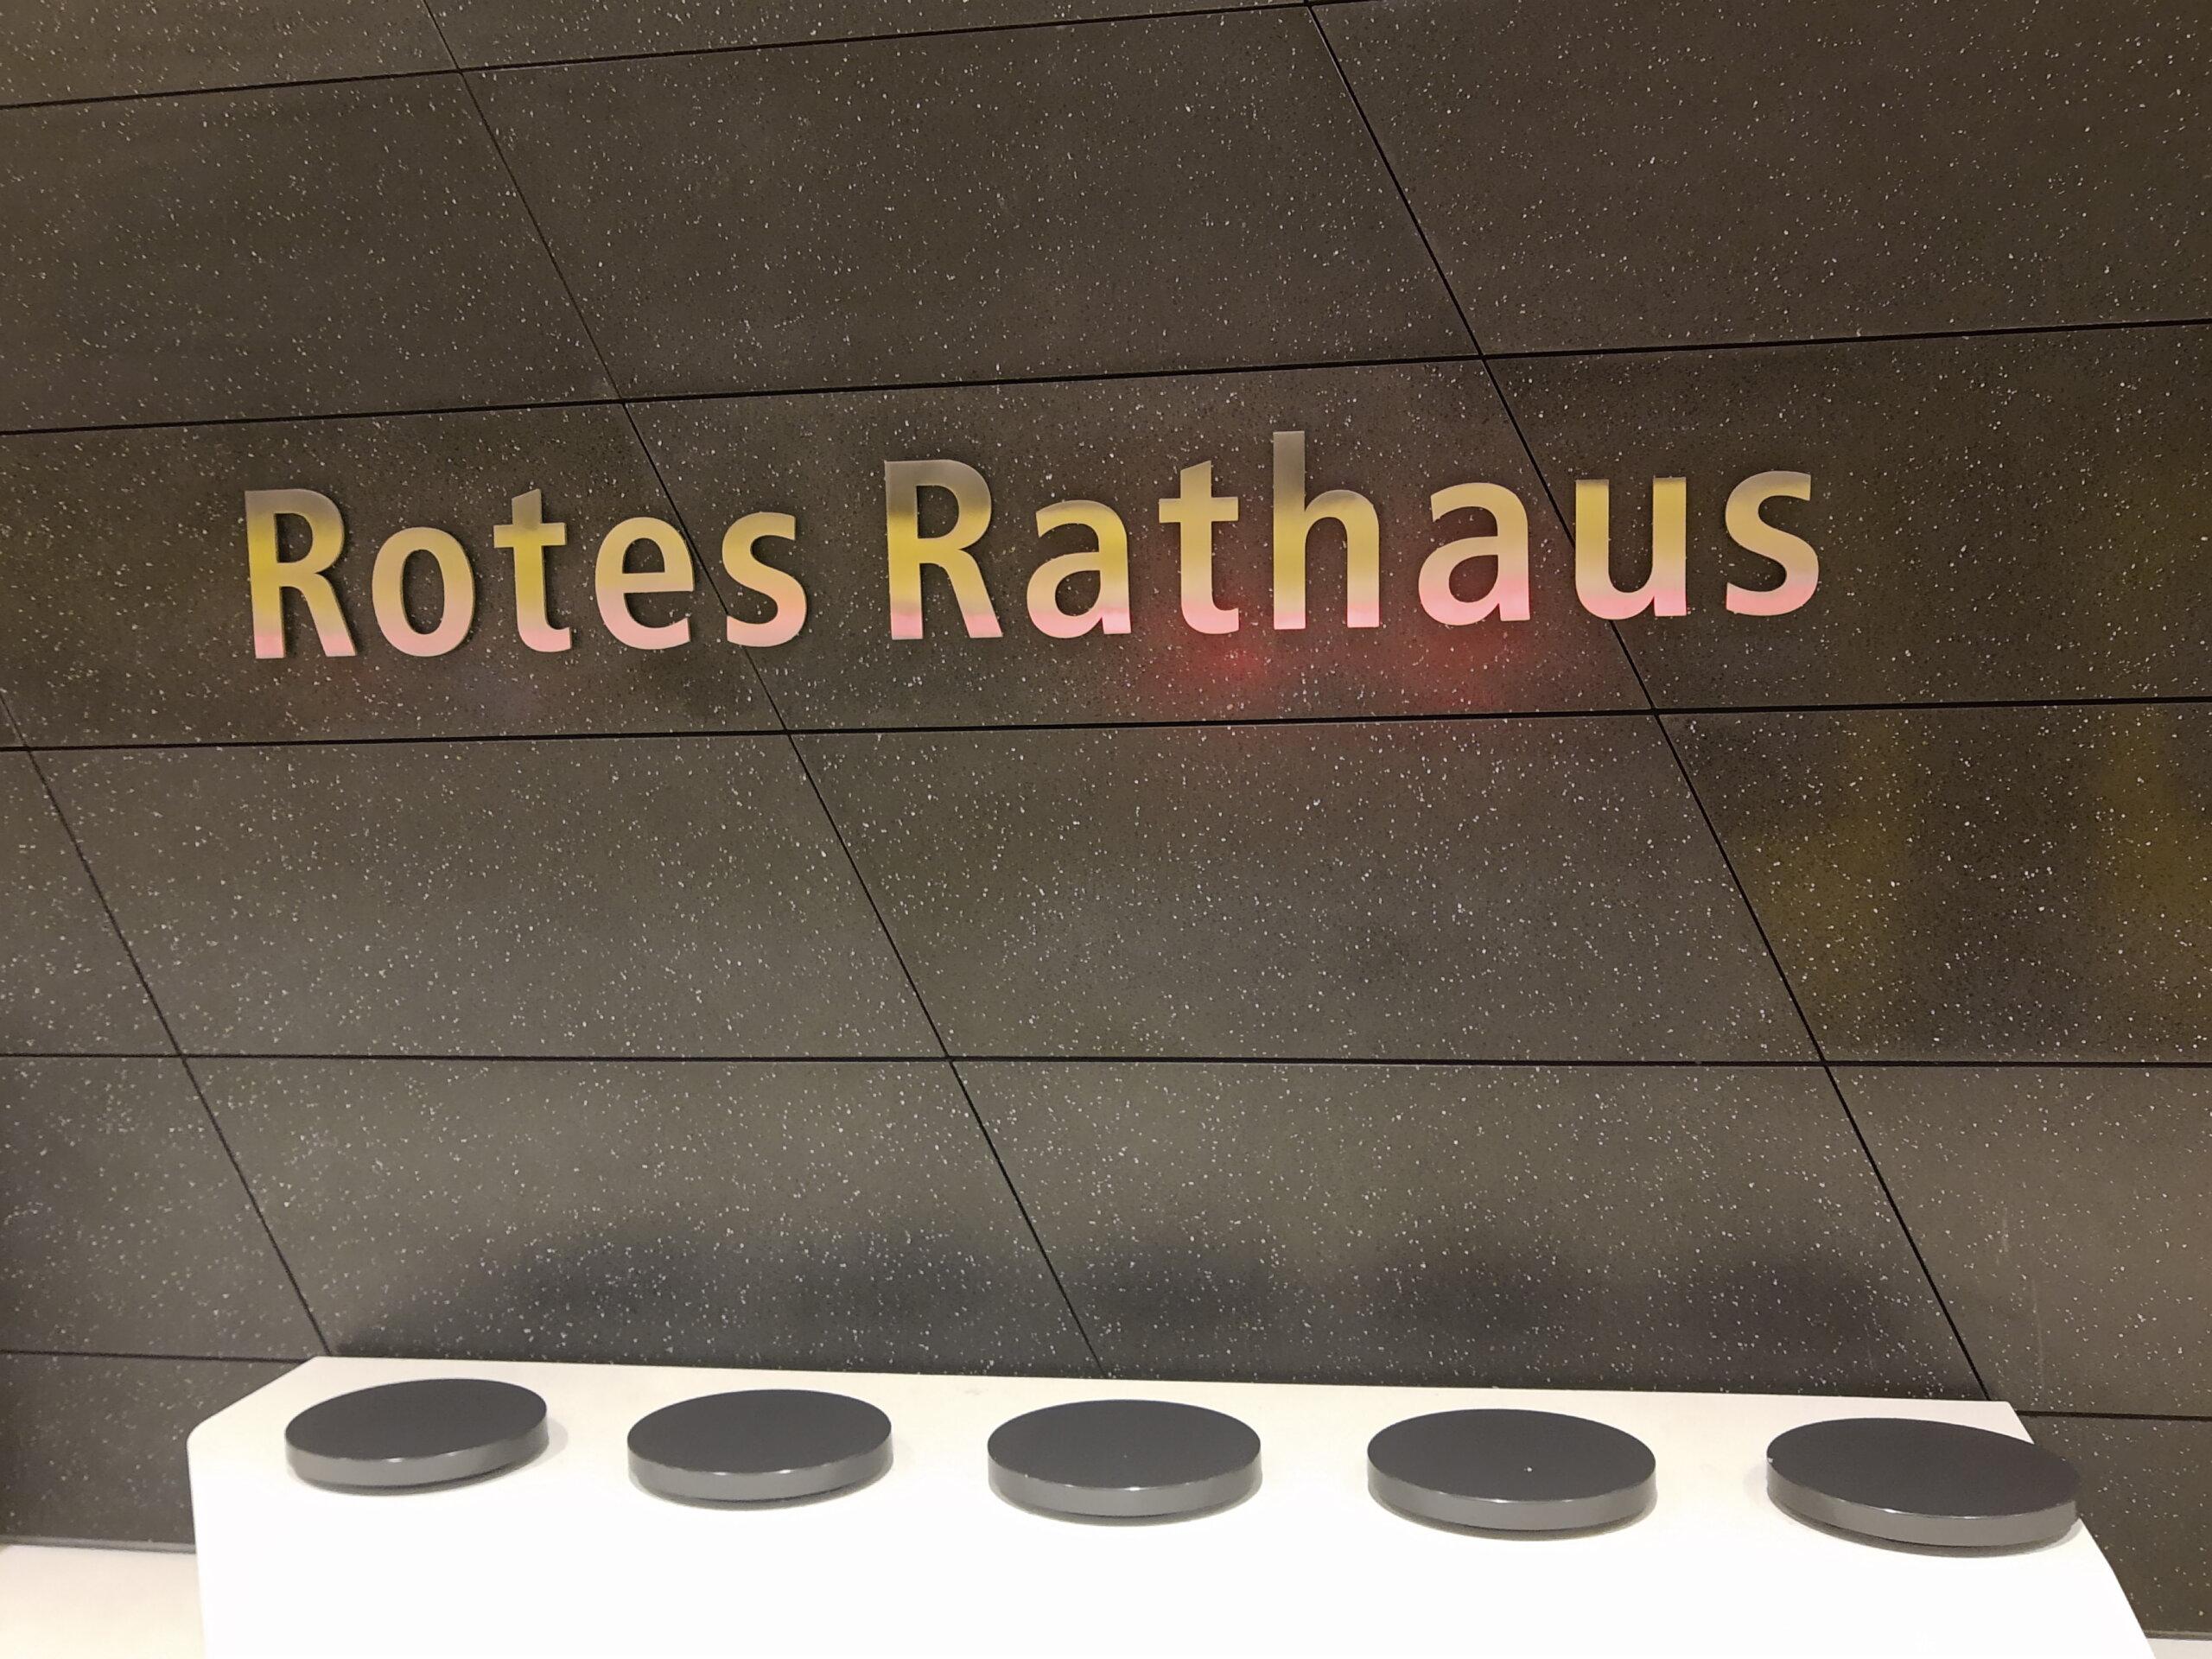 Rotes Rathaus Schrifttafel